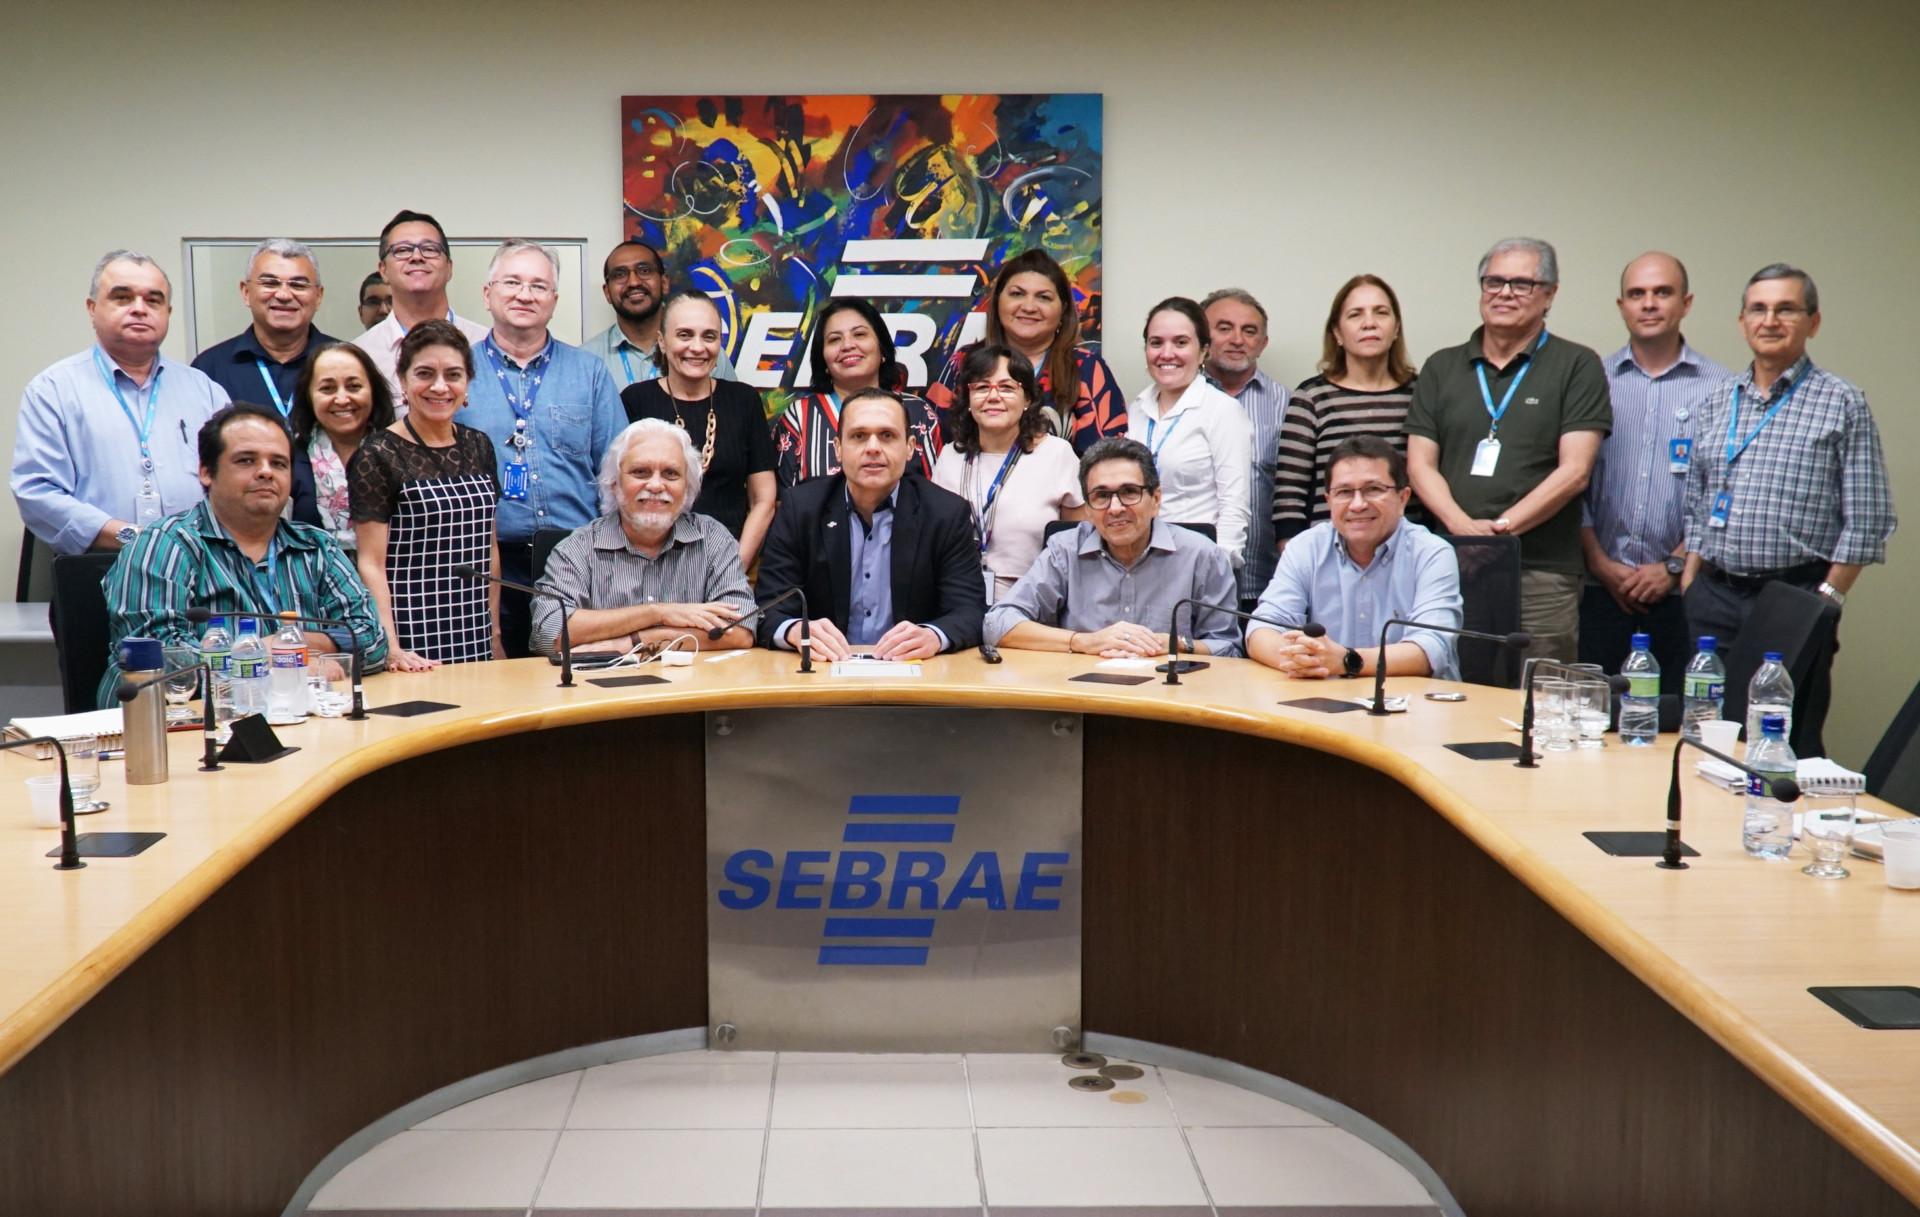 Reunião com os Gerentes do Sebrae-CE para conhecer os projetos estratégicos